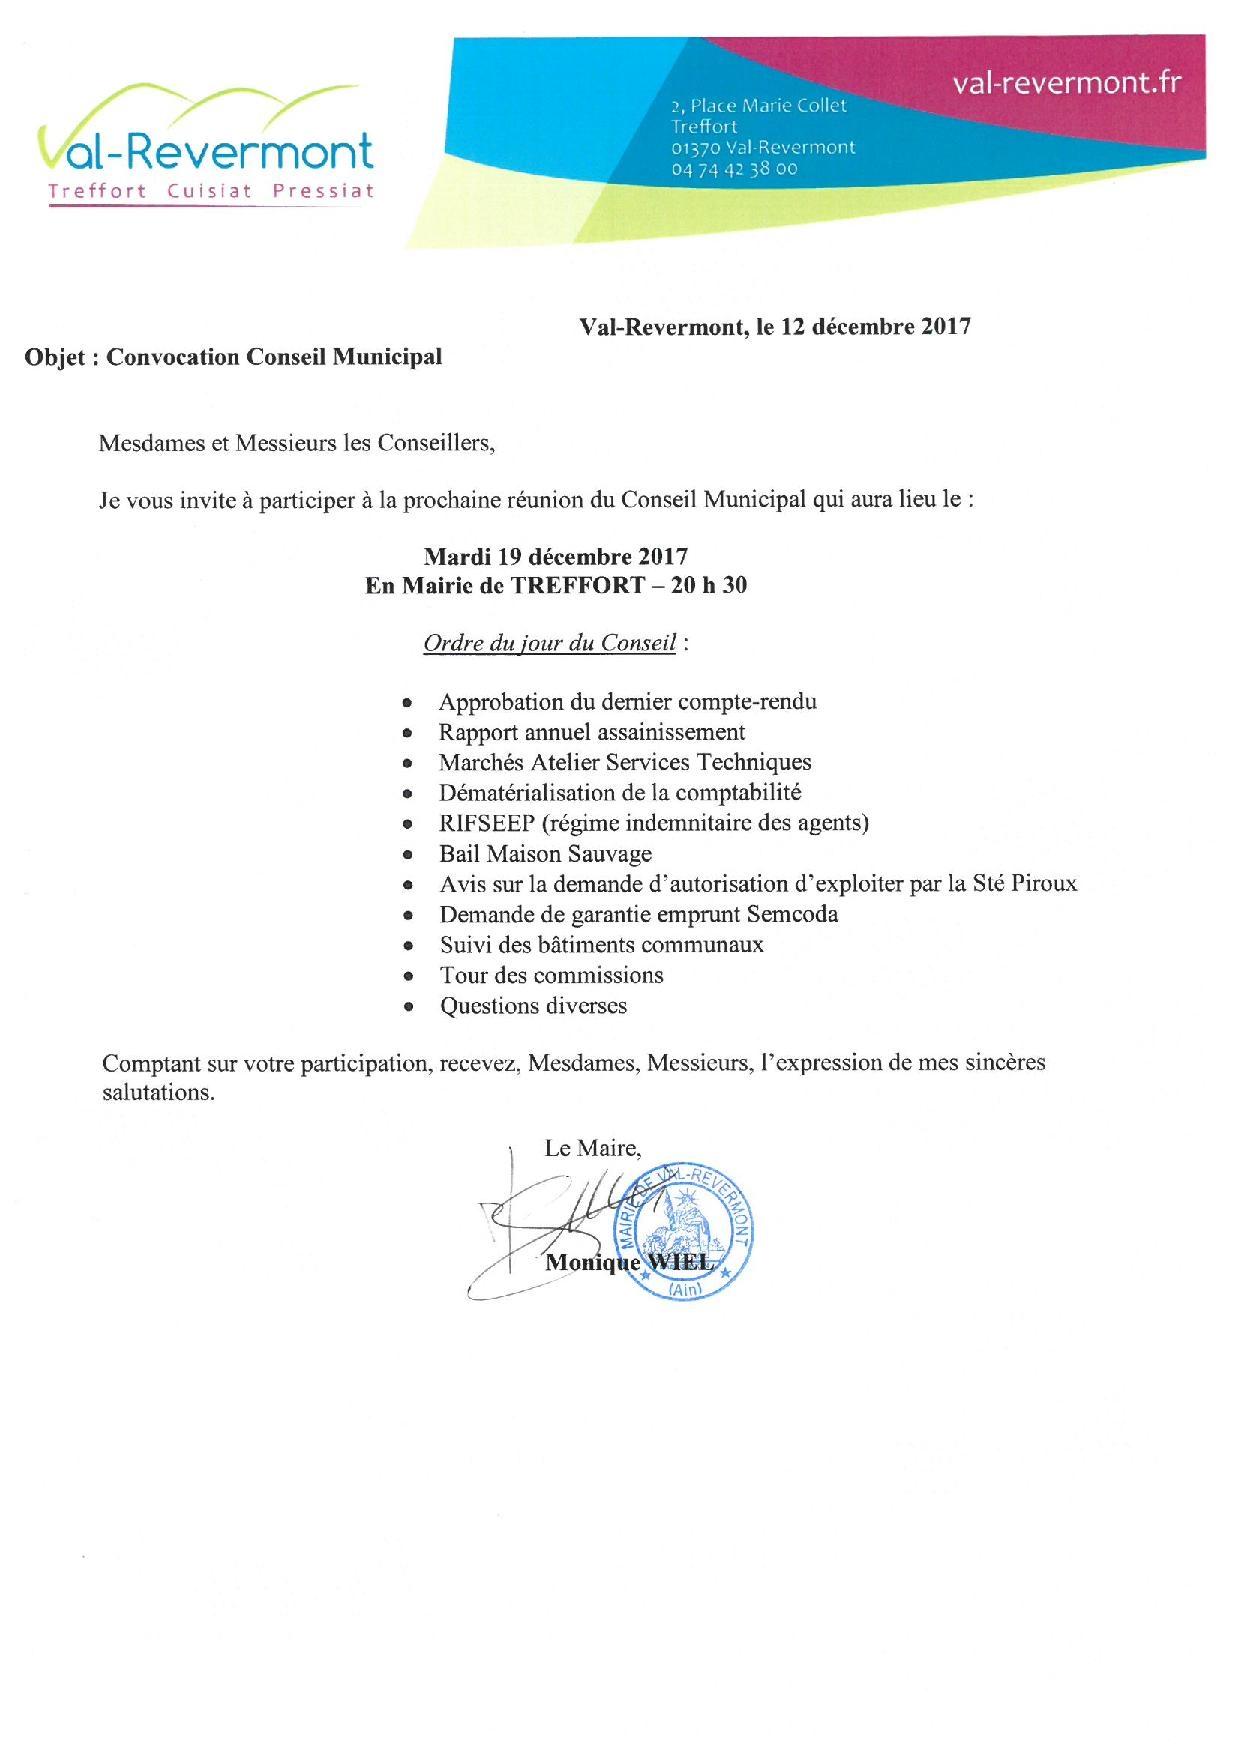 Convocation conseil municipal 19 décembre